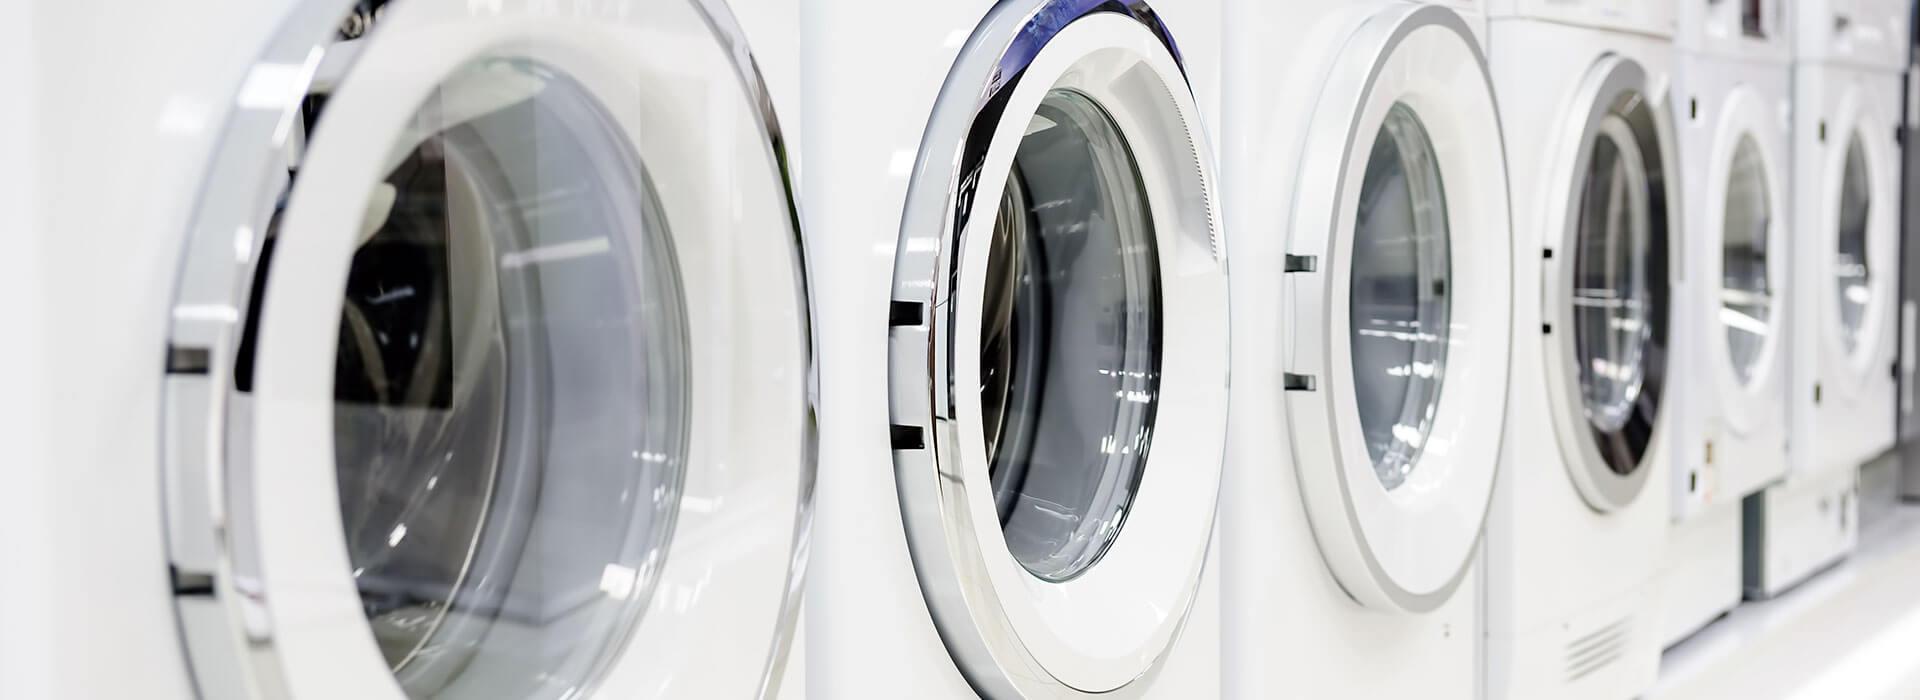 controllo temperatura stampaggio oblo lavatrici